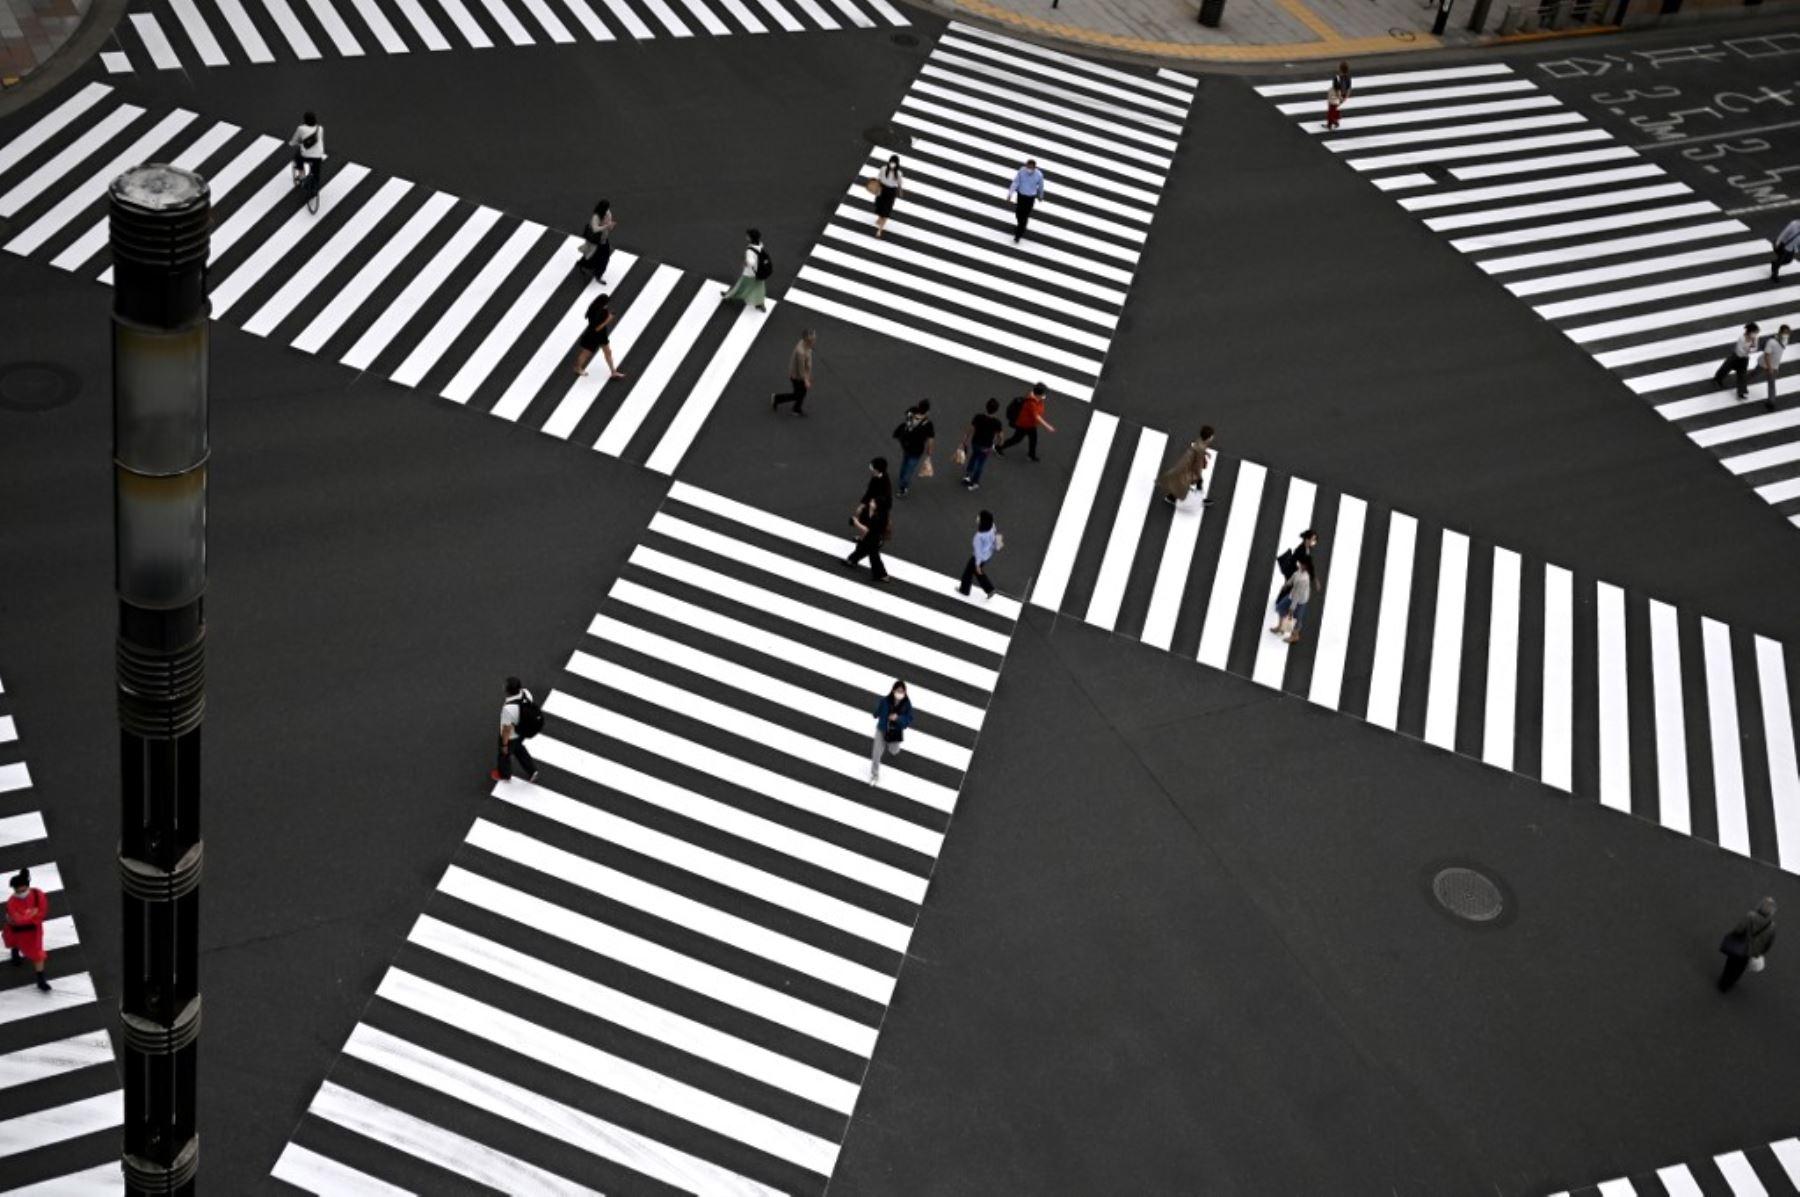 El jueves 7 de enero el primer ministro Suga decidirá si declara el estado de emergencia por segunda vez en Japón (Foto: Andina)